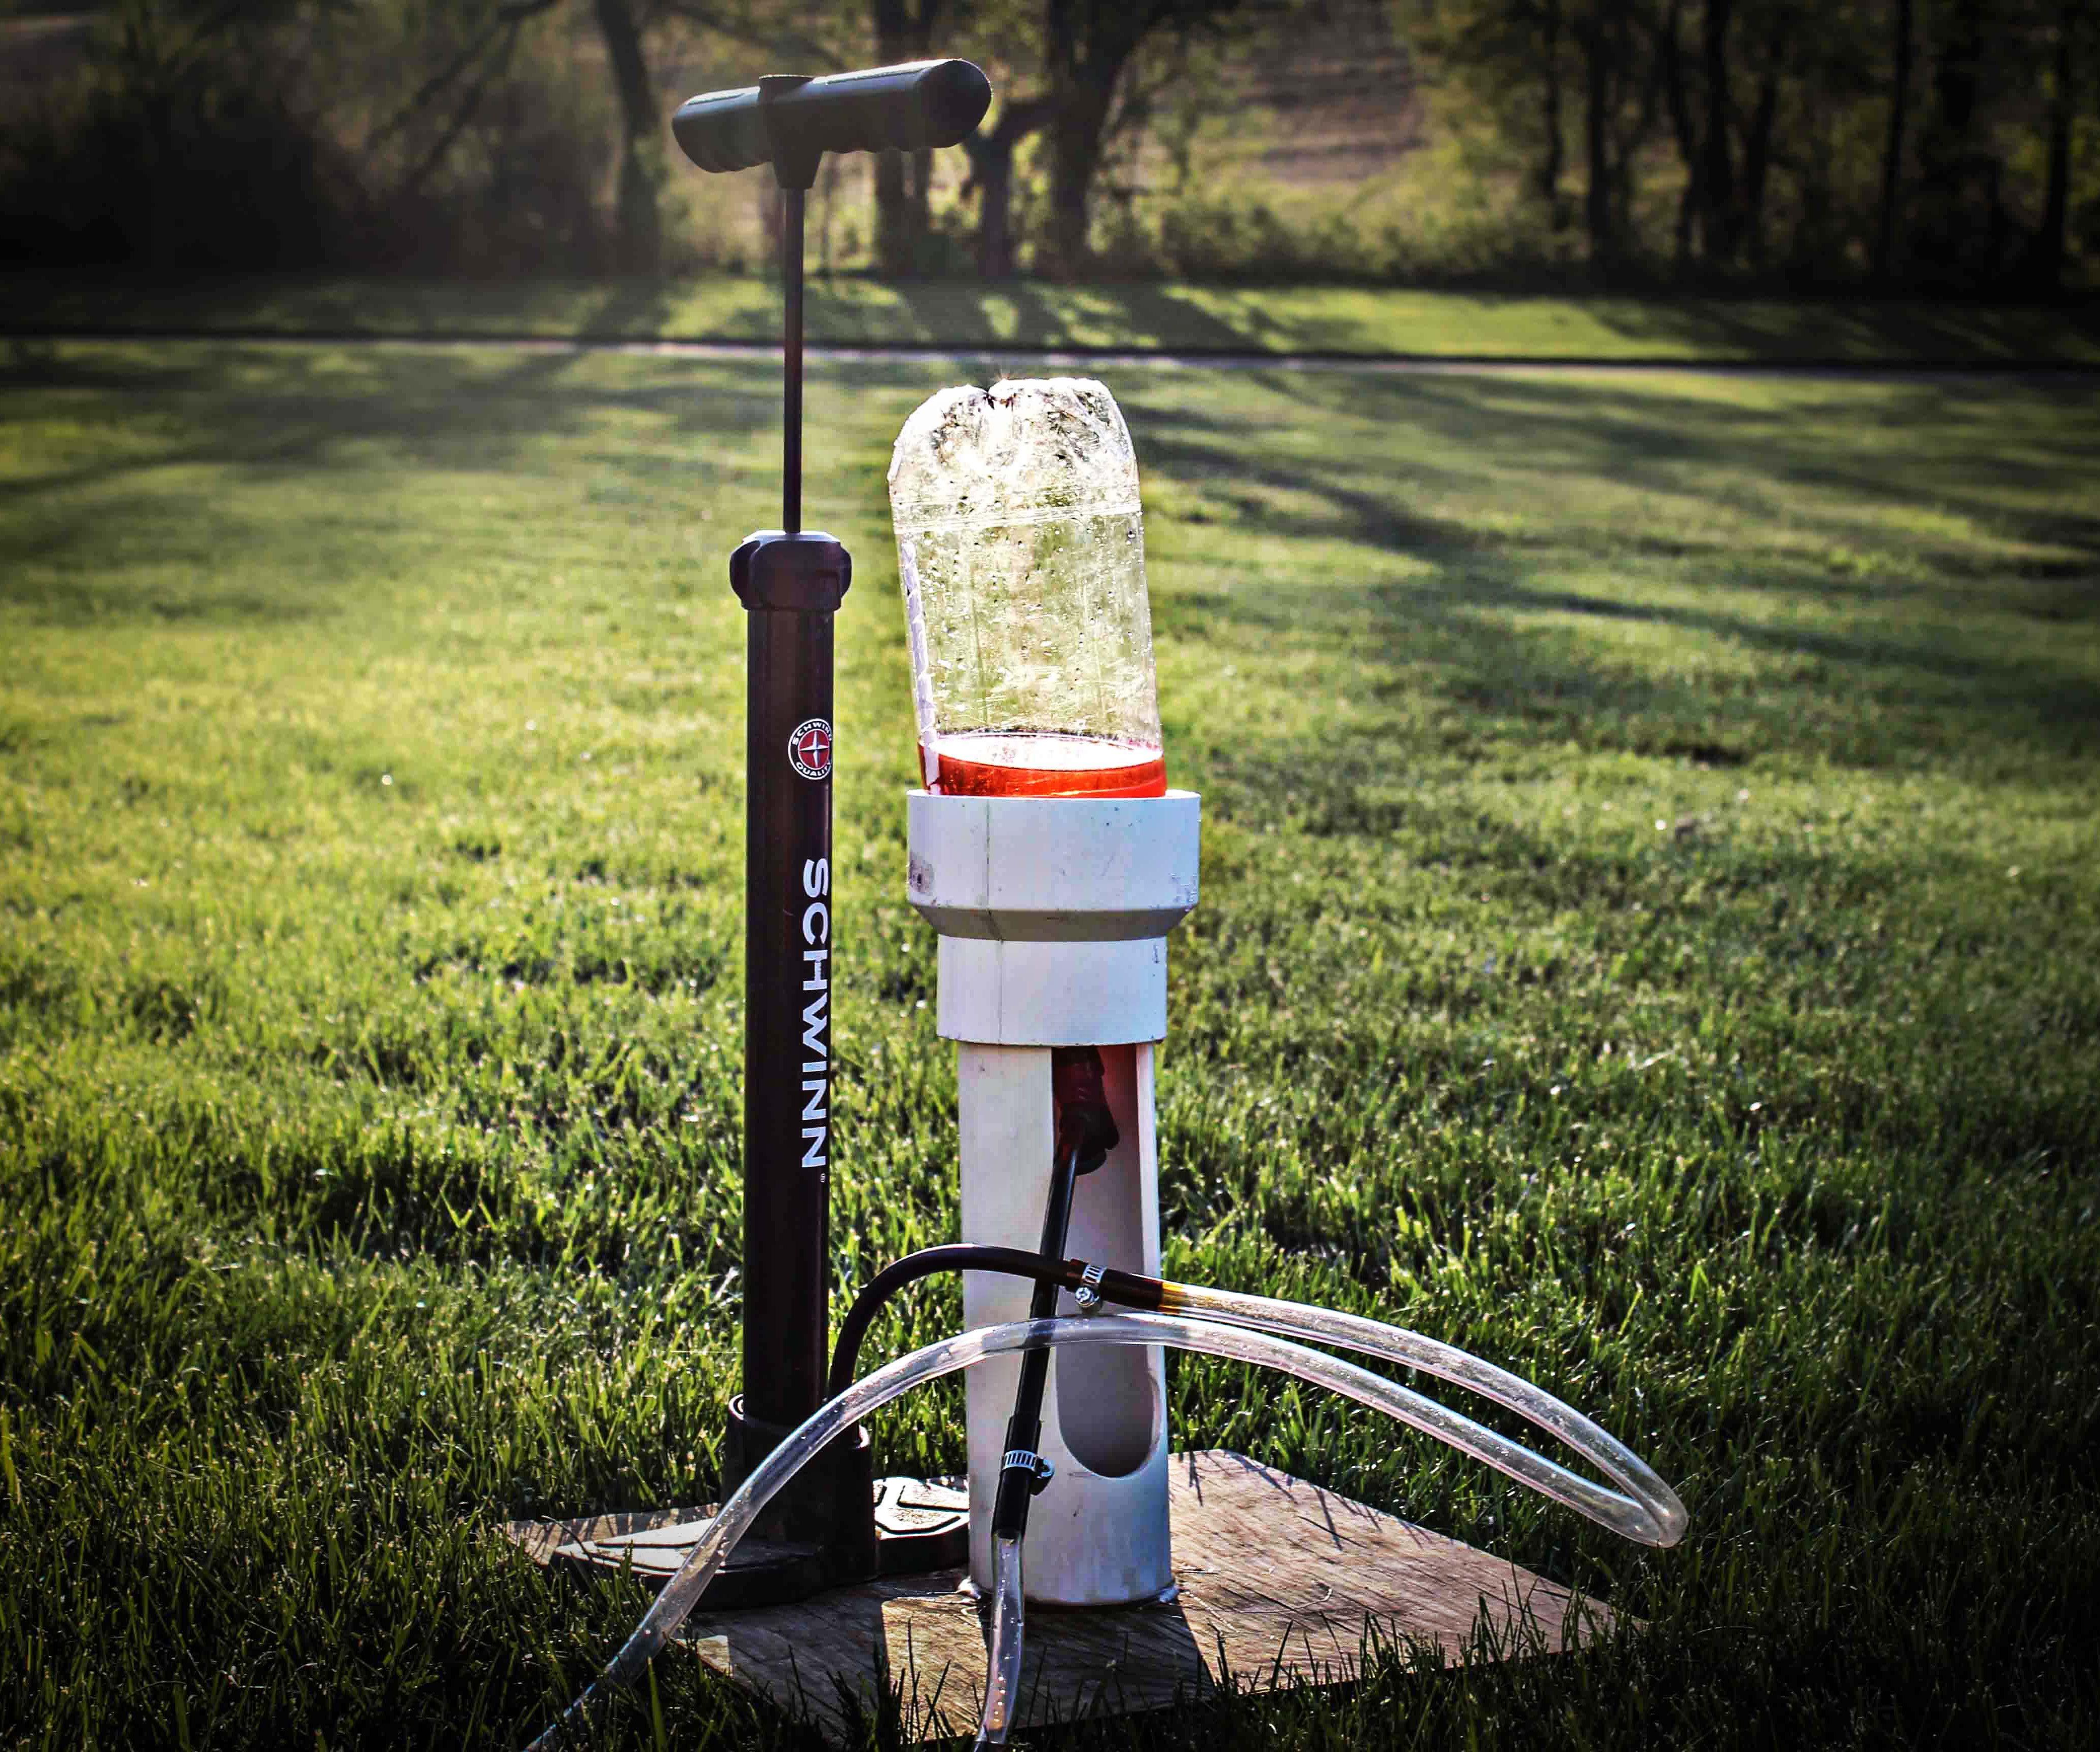 Water Rocket Project